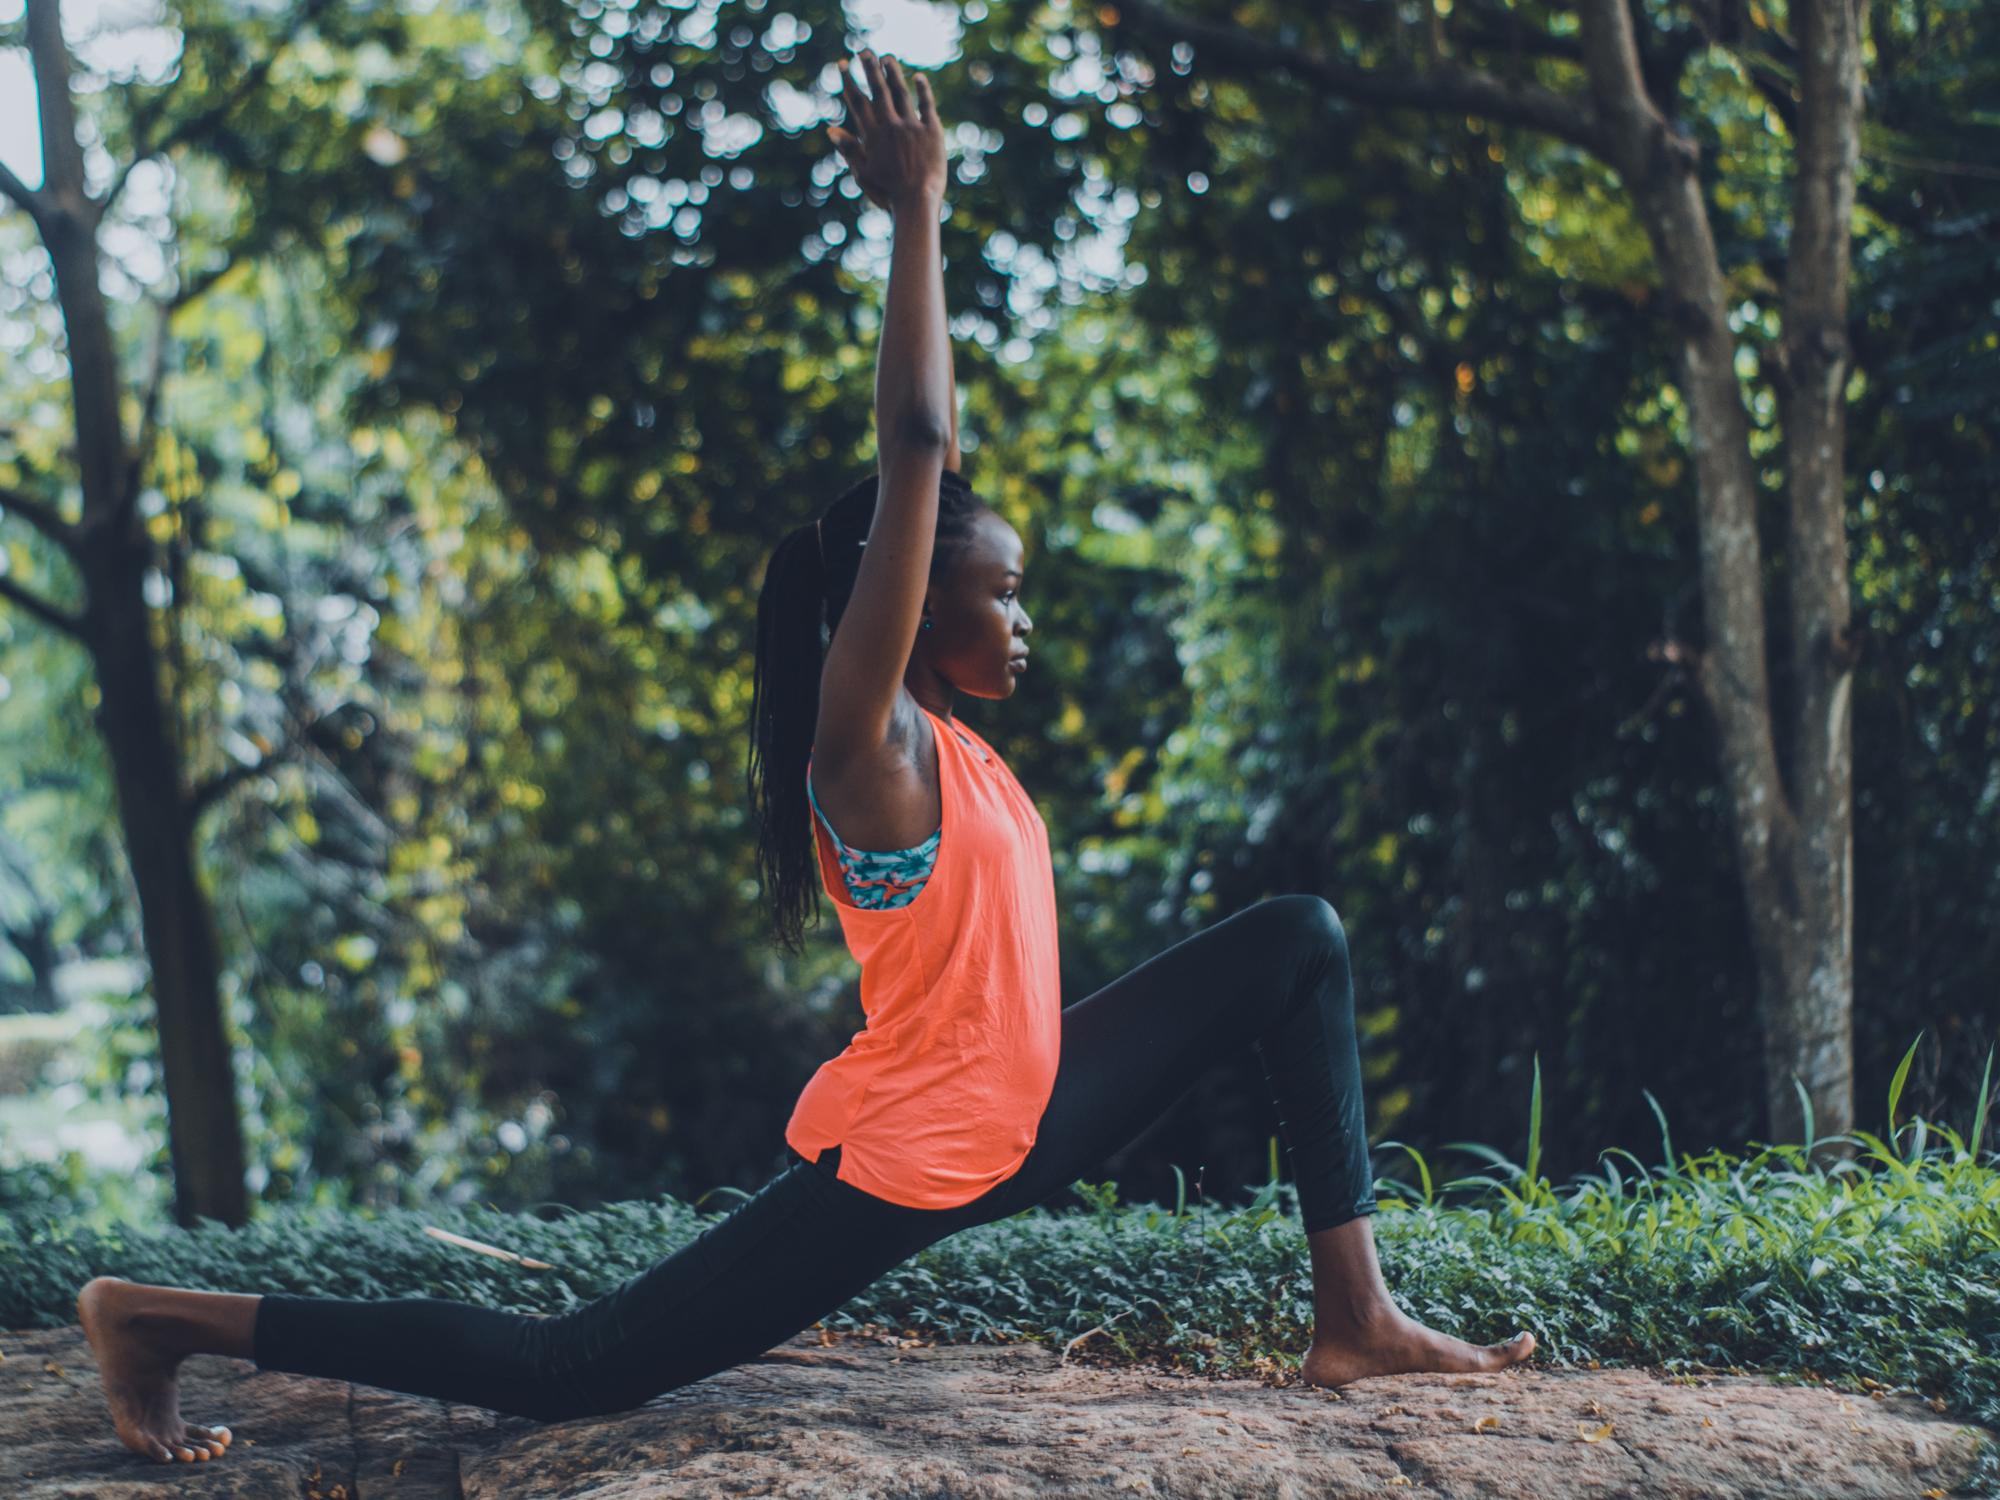 Yoga en plein air : trouvez votre zen en public